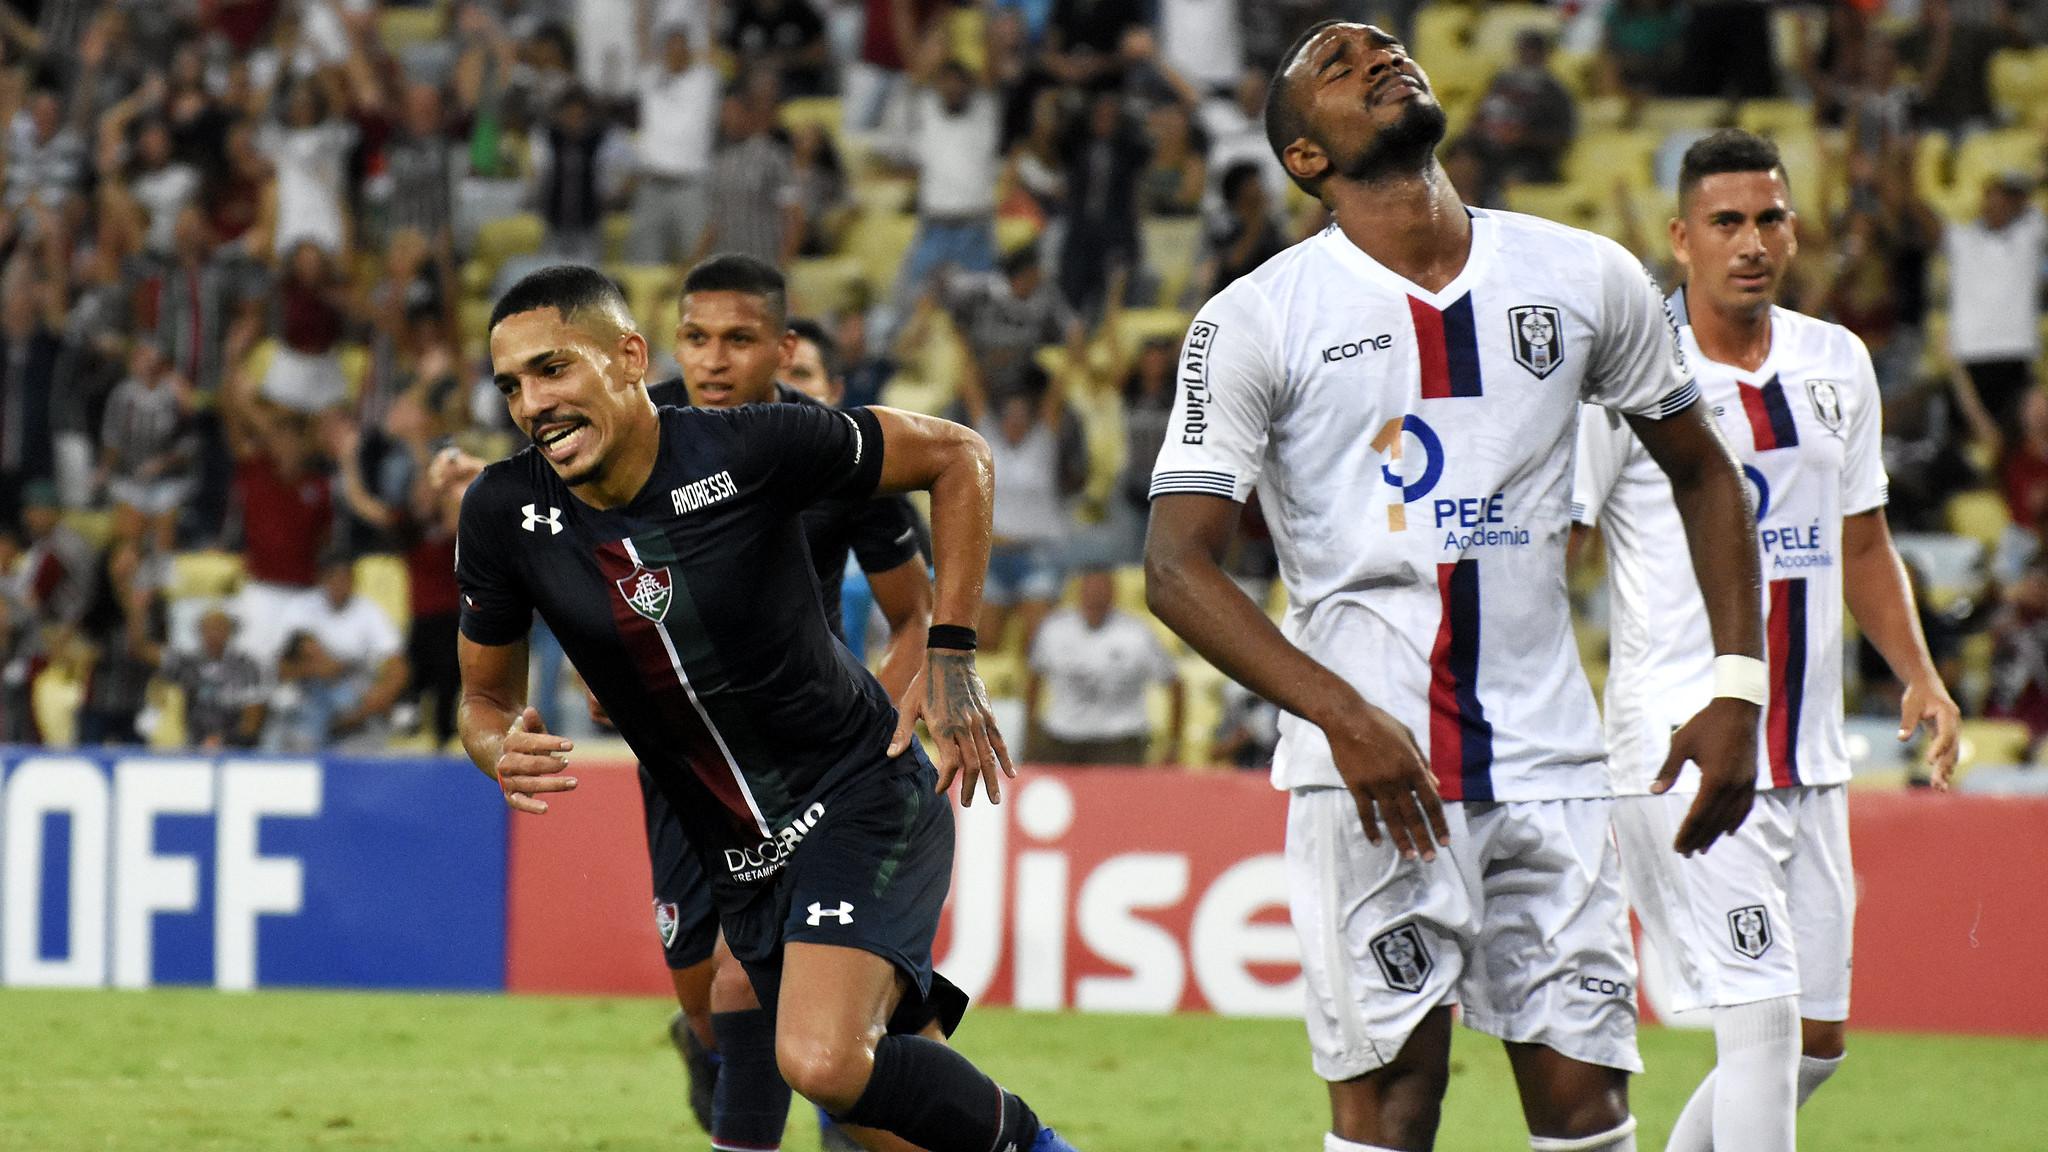 Gilberto marcou o último gol na vitória deste domingo conta o Resende. Foto: Mailson Santana/Fluminense FC